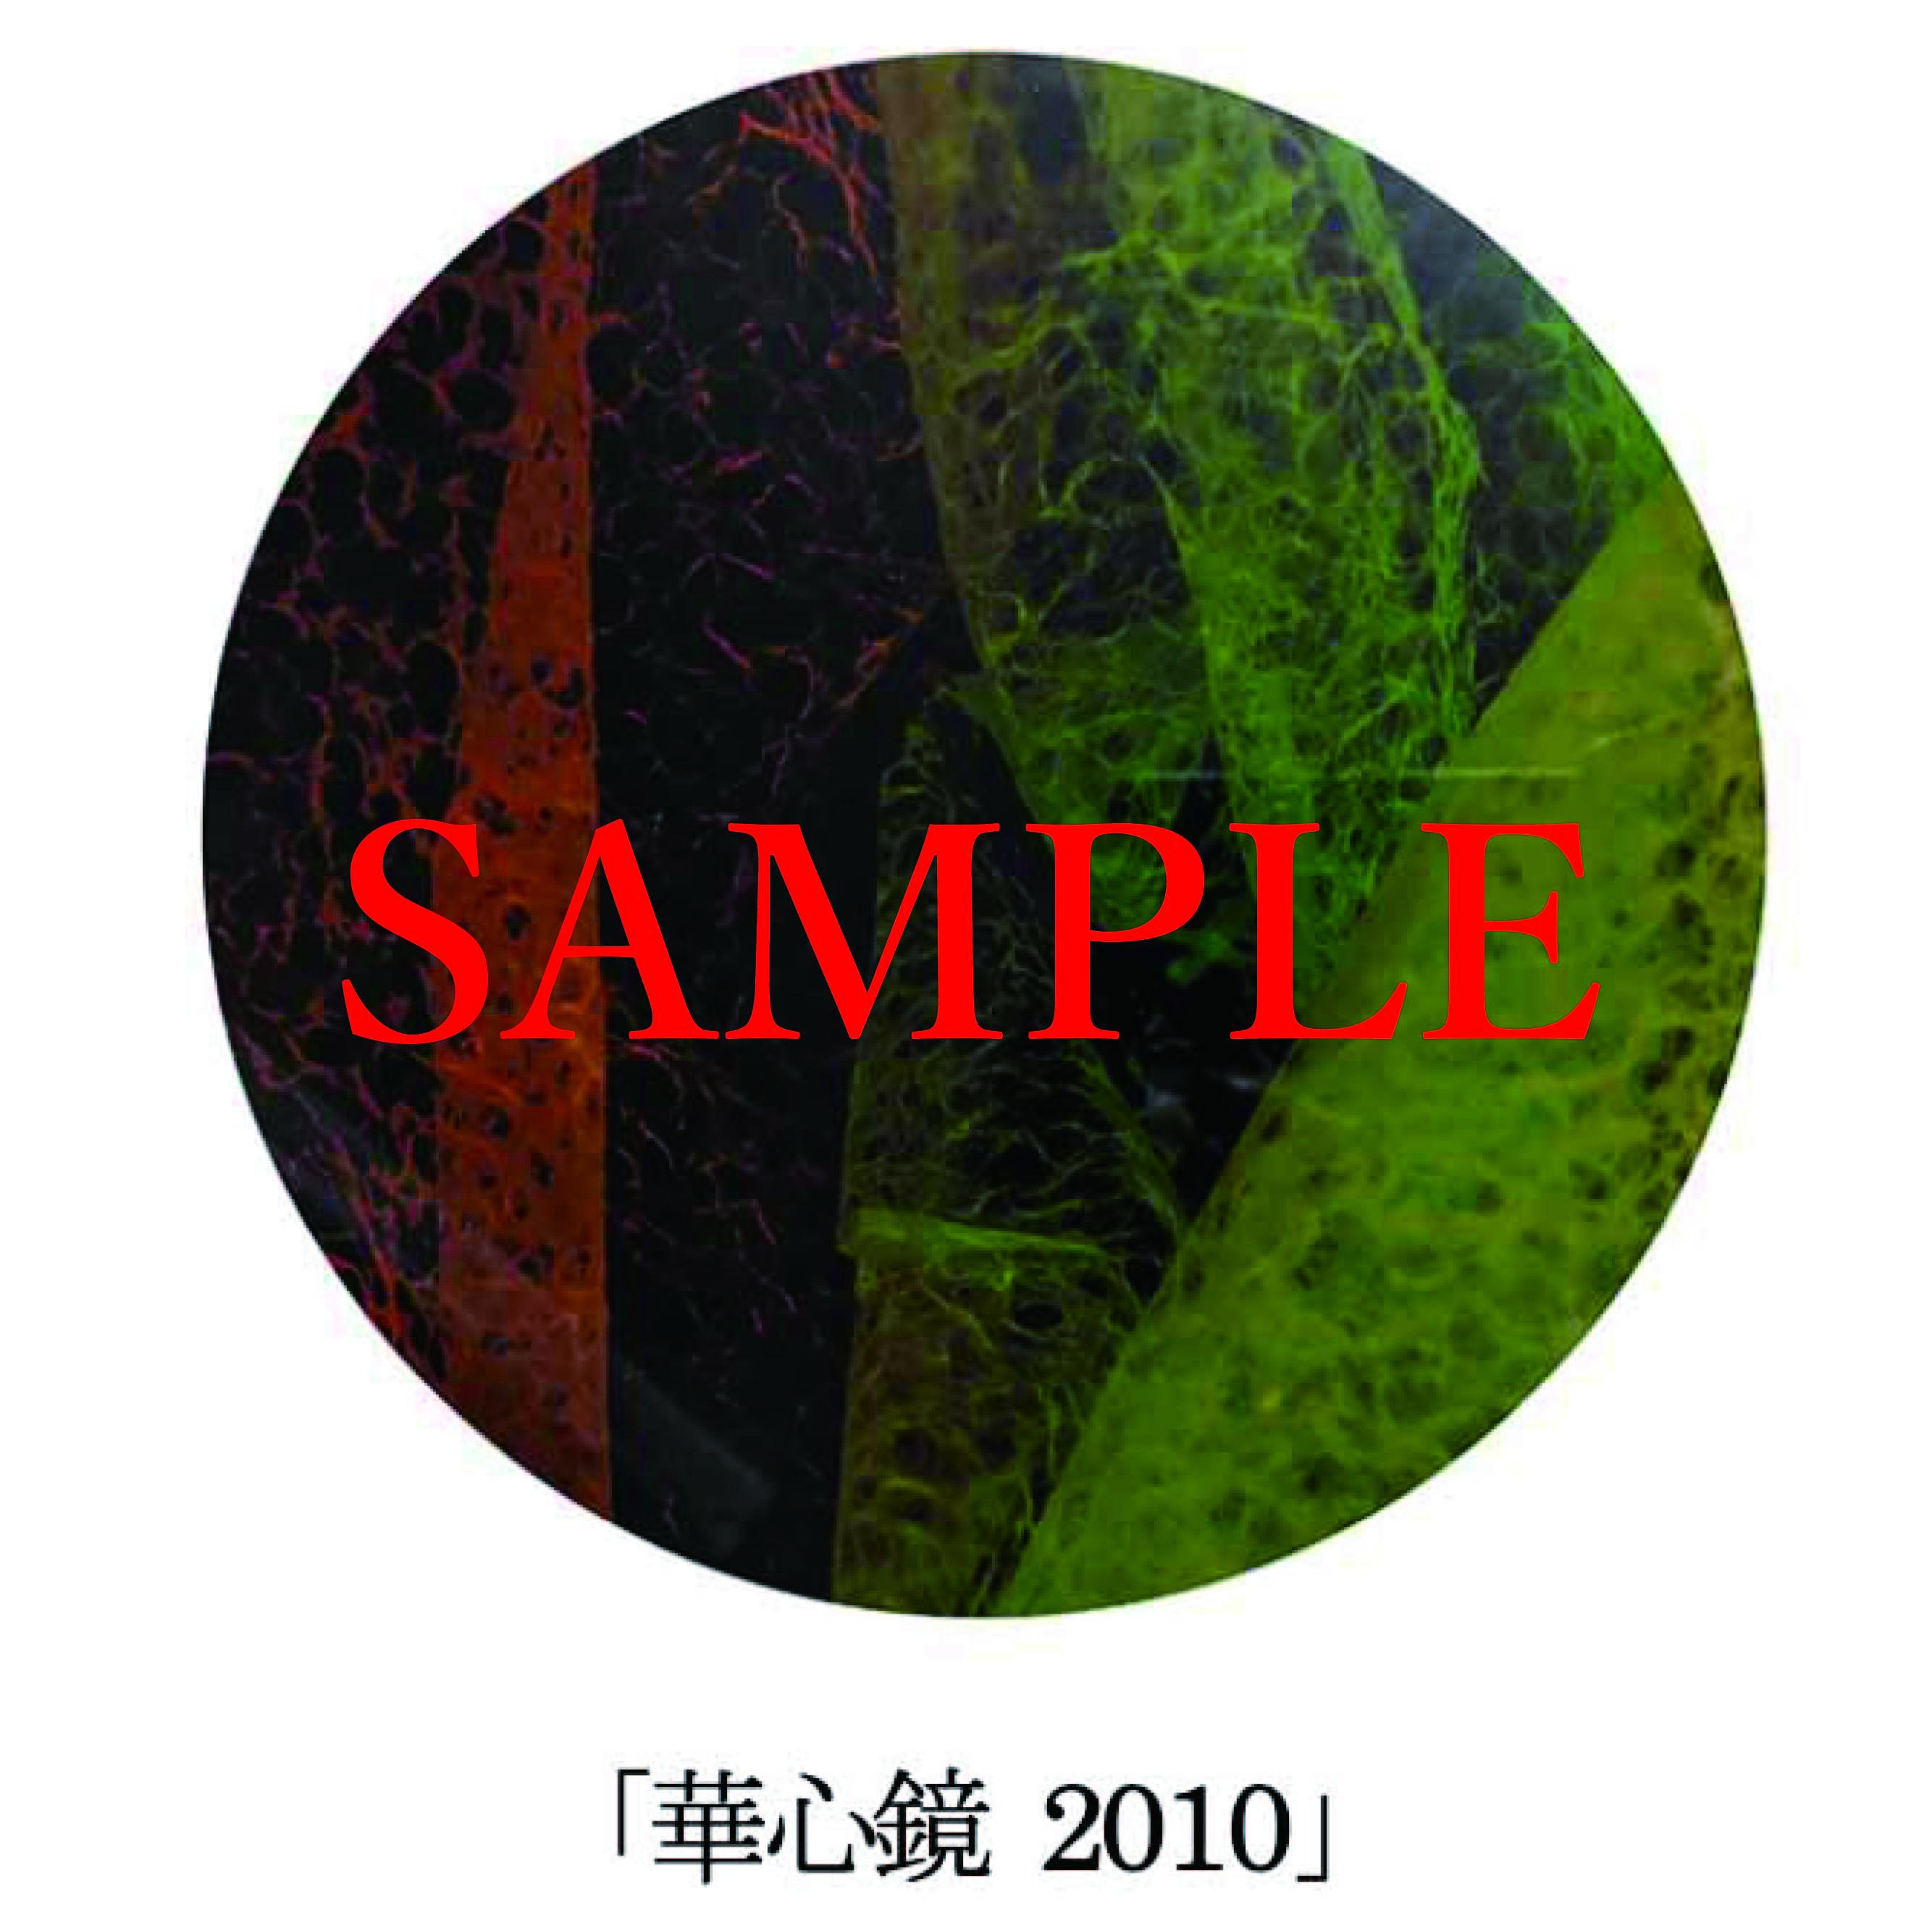 「華心鏡2010」【井坂健一郎作品華心鏡(かしんきょう)シリーズ】